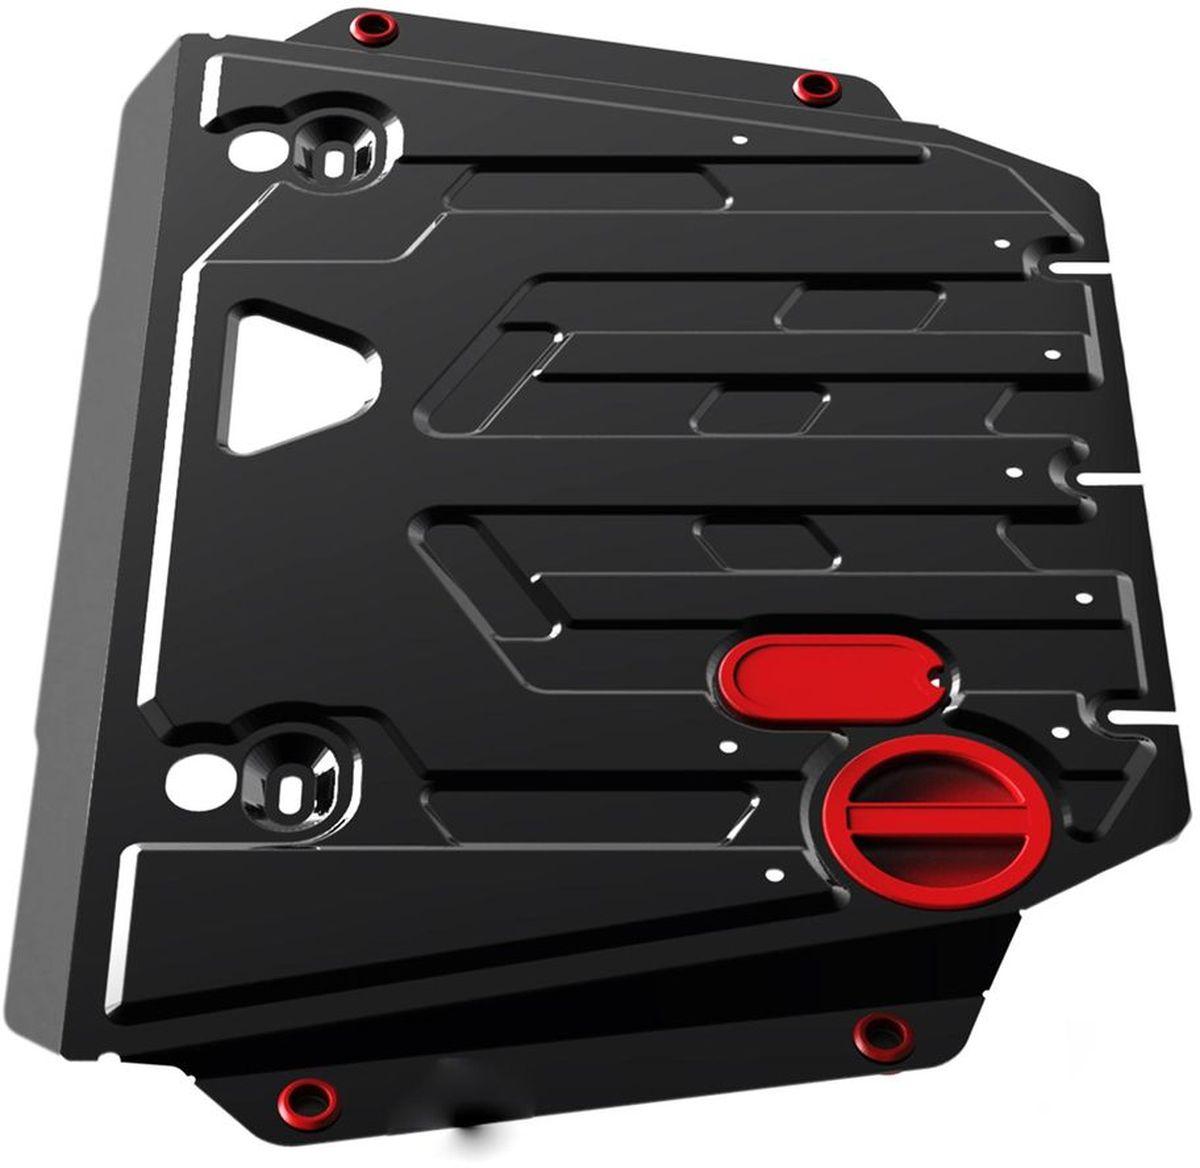 Защита картера и КПП Автоброня, для Honda HR-V V - 1,6 (1998-2005)111.02112.1Технологически совершенный продукт за невысокую стоимость. Защита разработана с учетом особенностей днища автомобиля, что позволяет сохранить дорожный просвет с минимальным изменением. Защита устанавливается в штатные места кузова автомобиля. Глубокий штамп обеспечивает до двух раз больше жесткости в сравнении с обычной защитой той же толщины. Проштампованные ребра жесткости препятствуют деформации защиты при ударах. Тепловой зазор и вентиляционные отверстия обеспечивают сохранение температурного режима двигателя в норме. Скрытый крепеж предотвращает срыв крепежных элементов при наезде на препятствие. Шумопоглощающие резиновые элементы обеспечивают комфортную езду без вибраций и скрежета металла, а съемные лючки для слива масла и замены фильтра - экономию средств и время. Конструкция изделия не влияет на пассивную безопасность автомобиля (при ударе защита не воздействует на деформационные зоны кузова). Со штатным крепежом. В комплекте инструкция по установке....